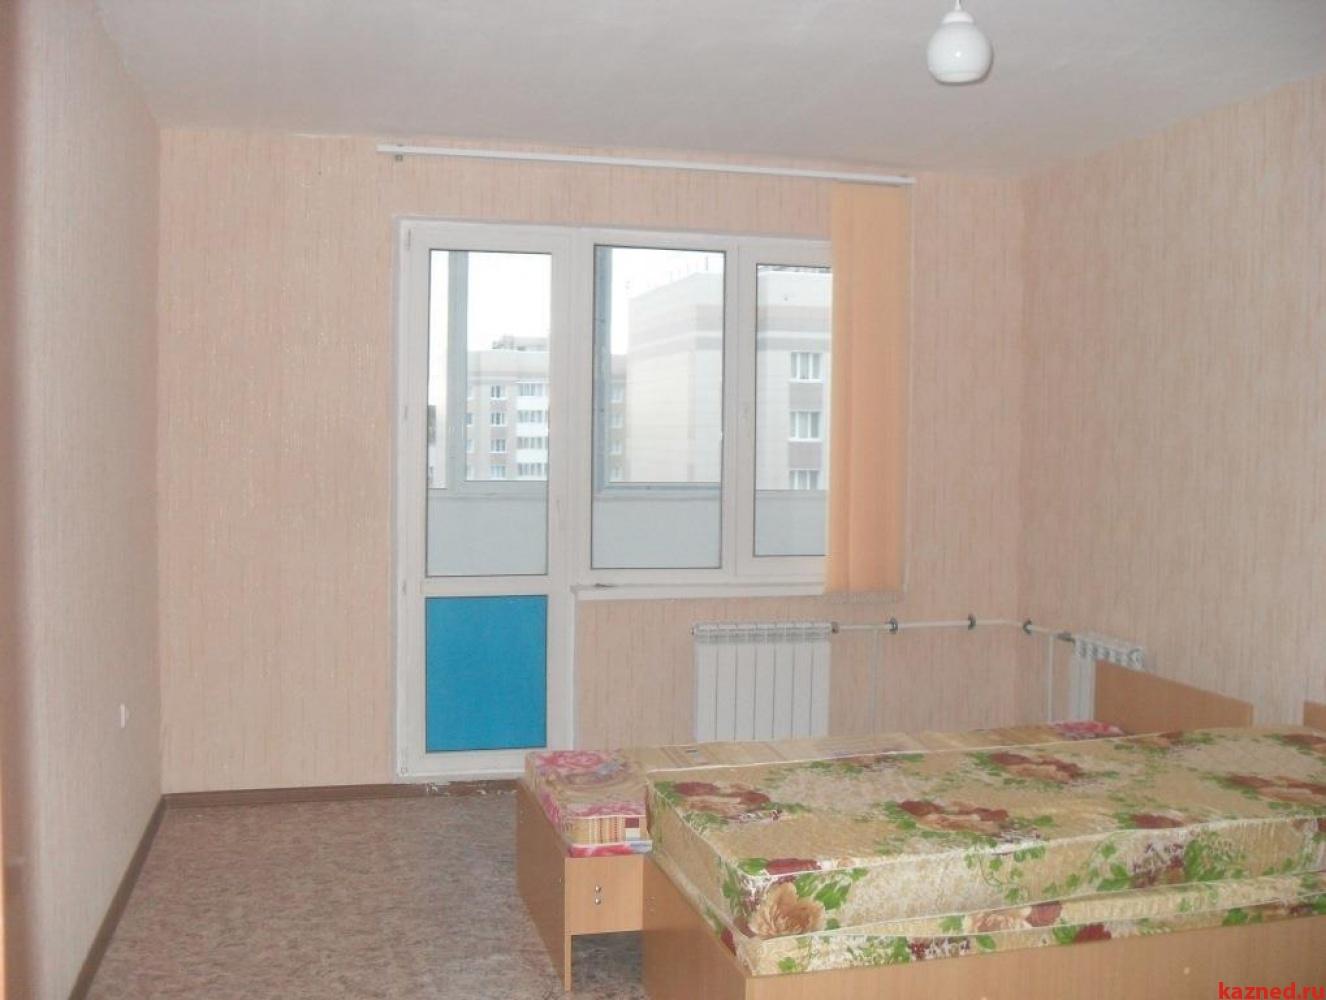 Продажа 2-к квартиры Привокзальная 52, 66 м2  (миниатюра №4)